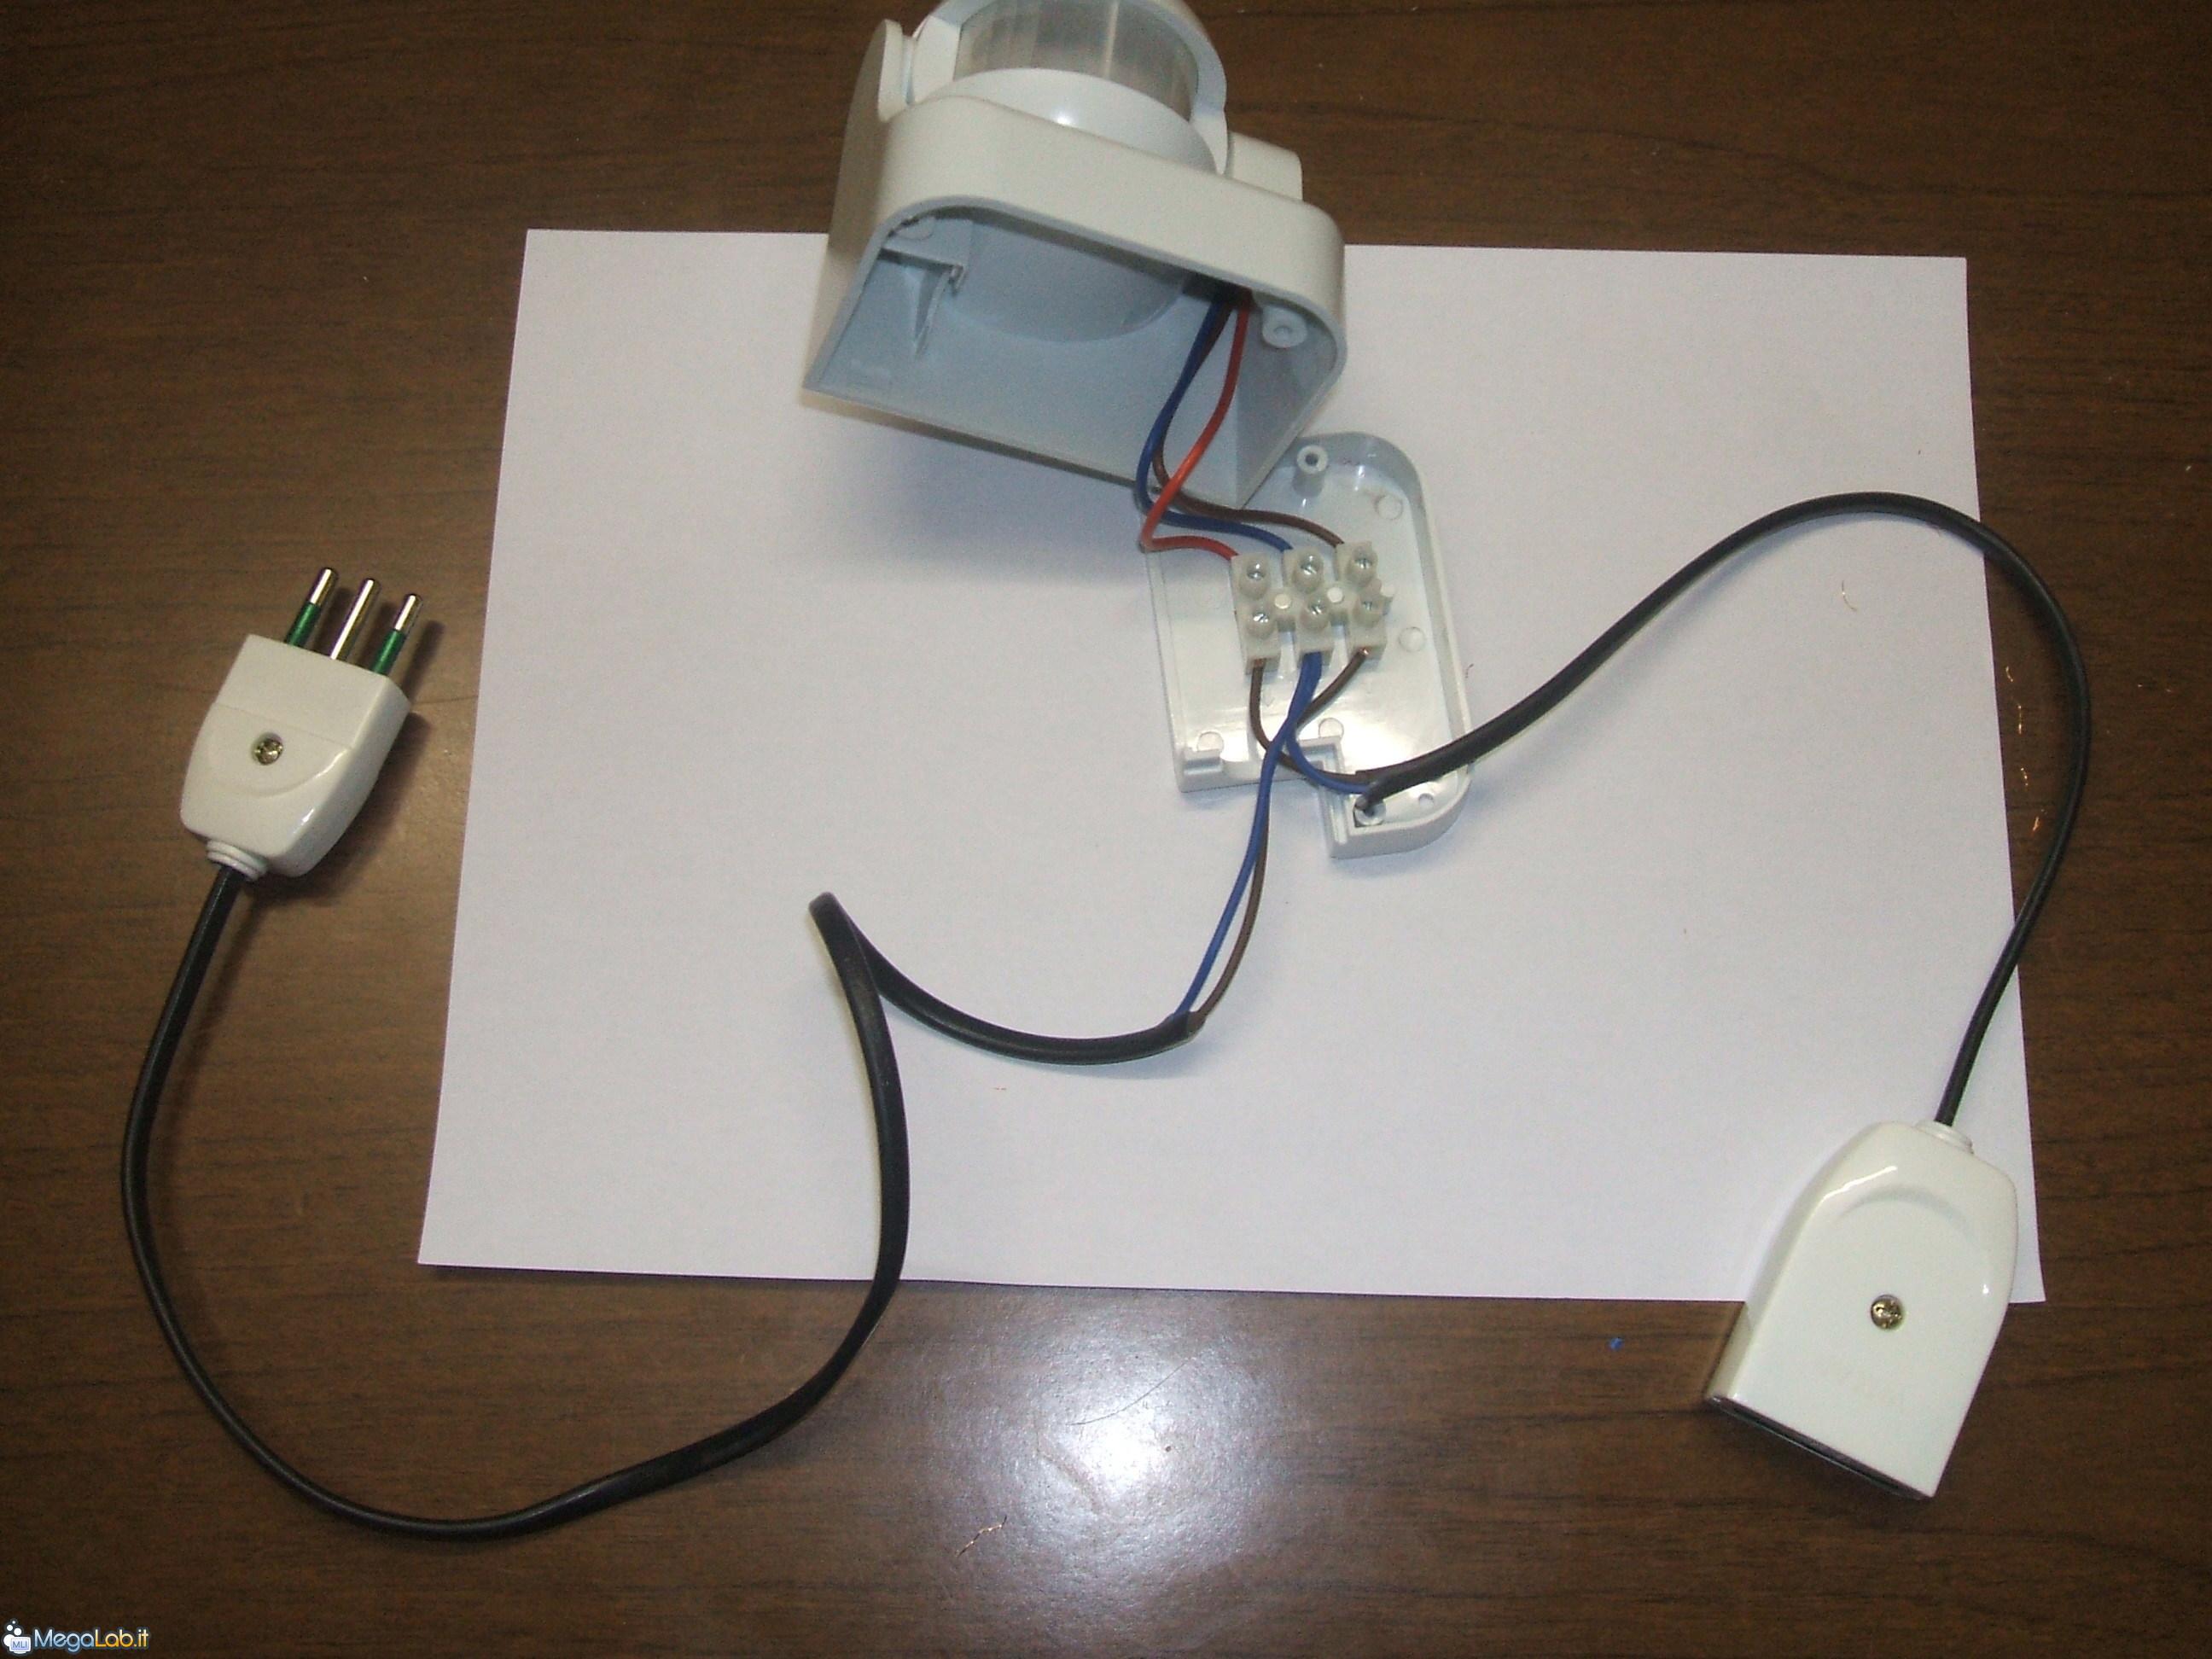 Schema Collegamento Lampada Con Sensore Di Movimento : Accendere il pc con un movimento [megalab.it]